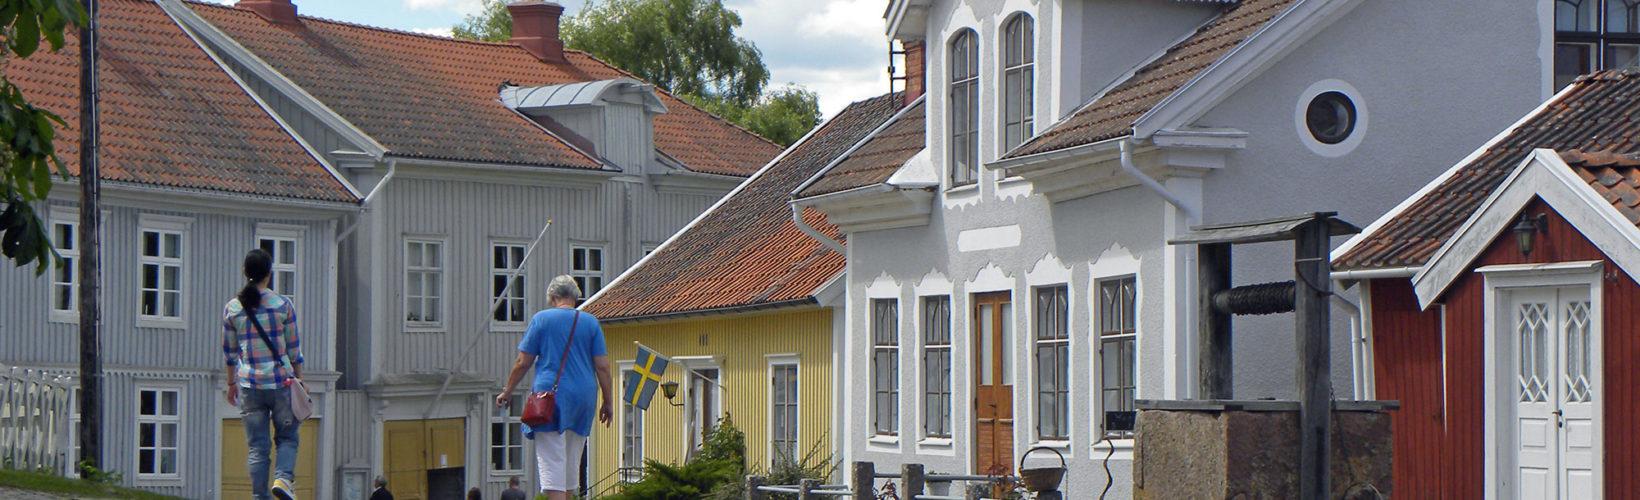 Besök Mönsterås